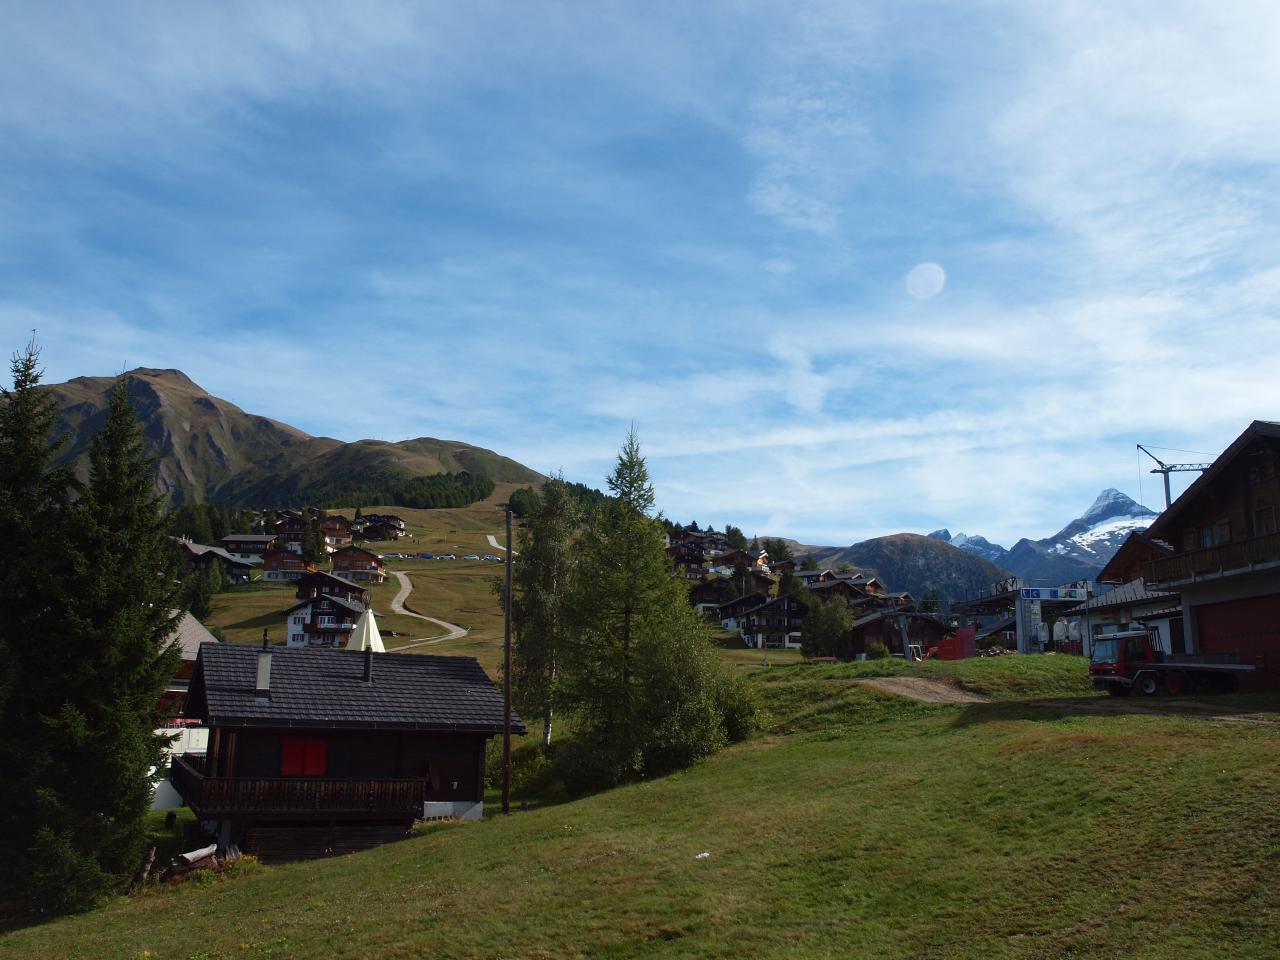 Ferienwohnung Urchiges Walliserchalet auf Rosswald | Alphütte OG (2171131), Rosswald, Brig - Simplon, Wallis, Schweiz, Bild 4